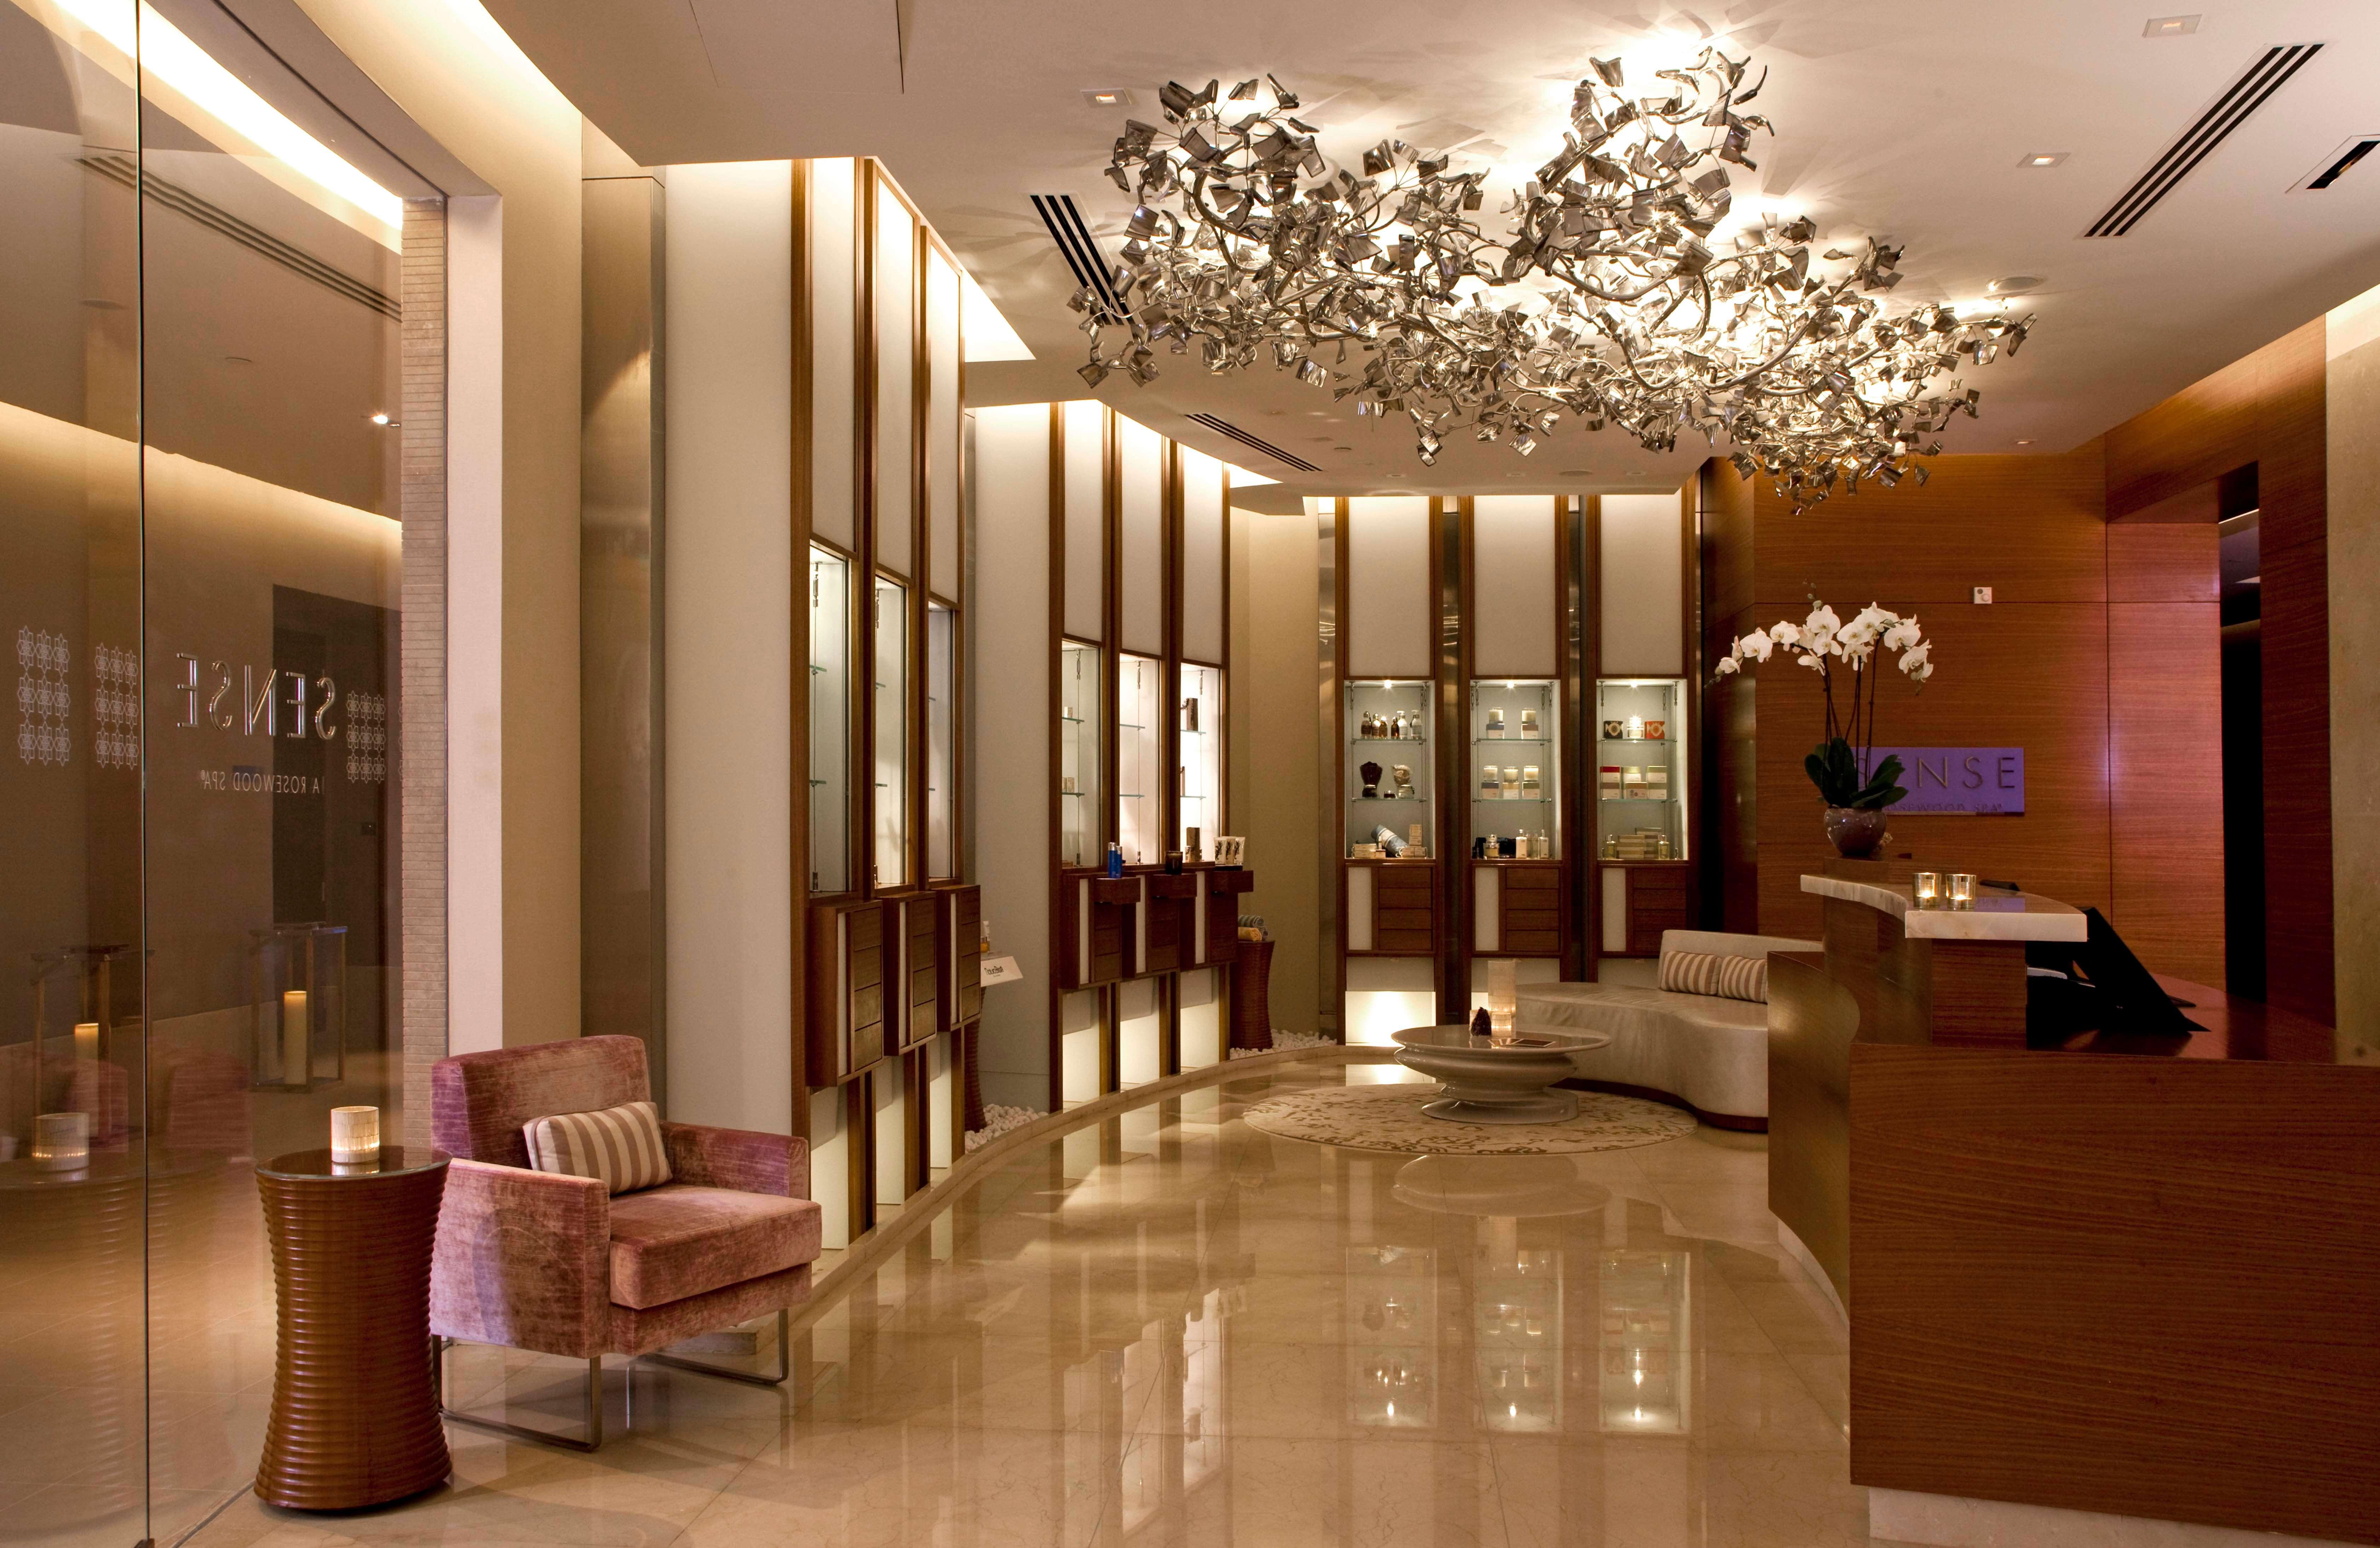 عروض فندق روزوود أبوظبي إحتفالاً بعيد الأم 2019